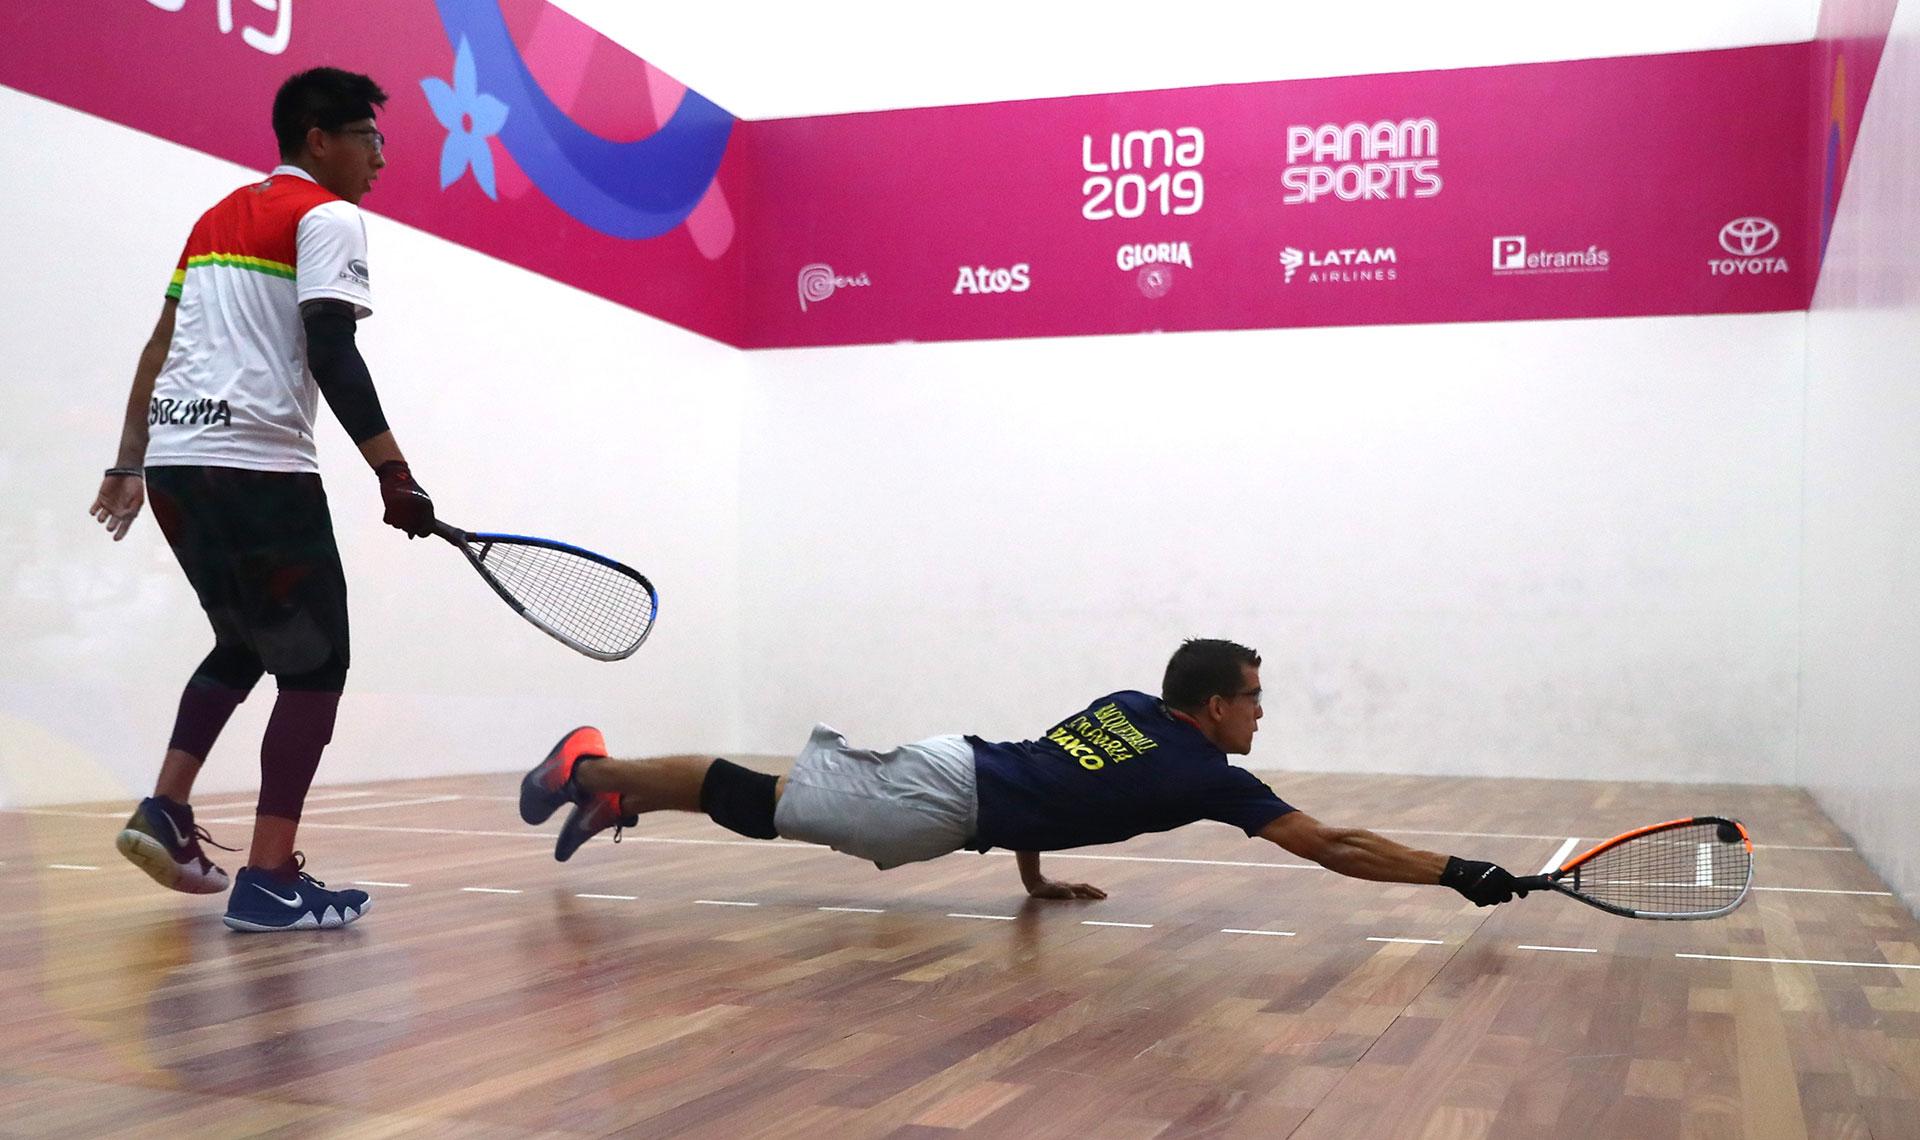 El colombiano Sebastian Franco y el boliviano Carlos Keller se enfrentaron en raquetbol